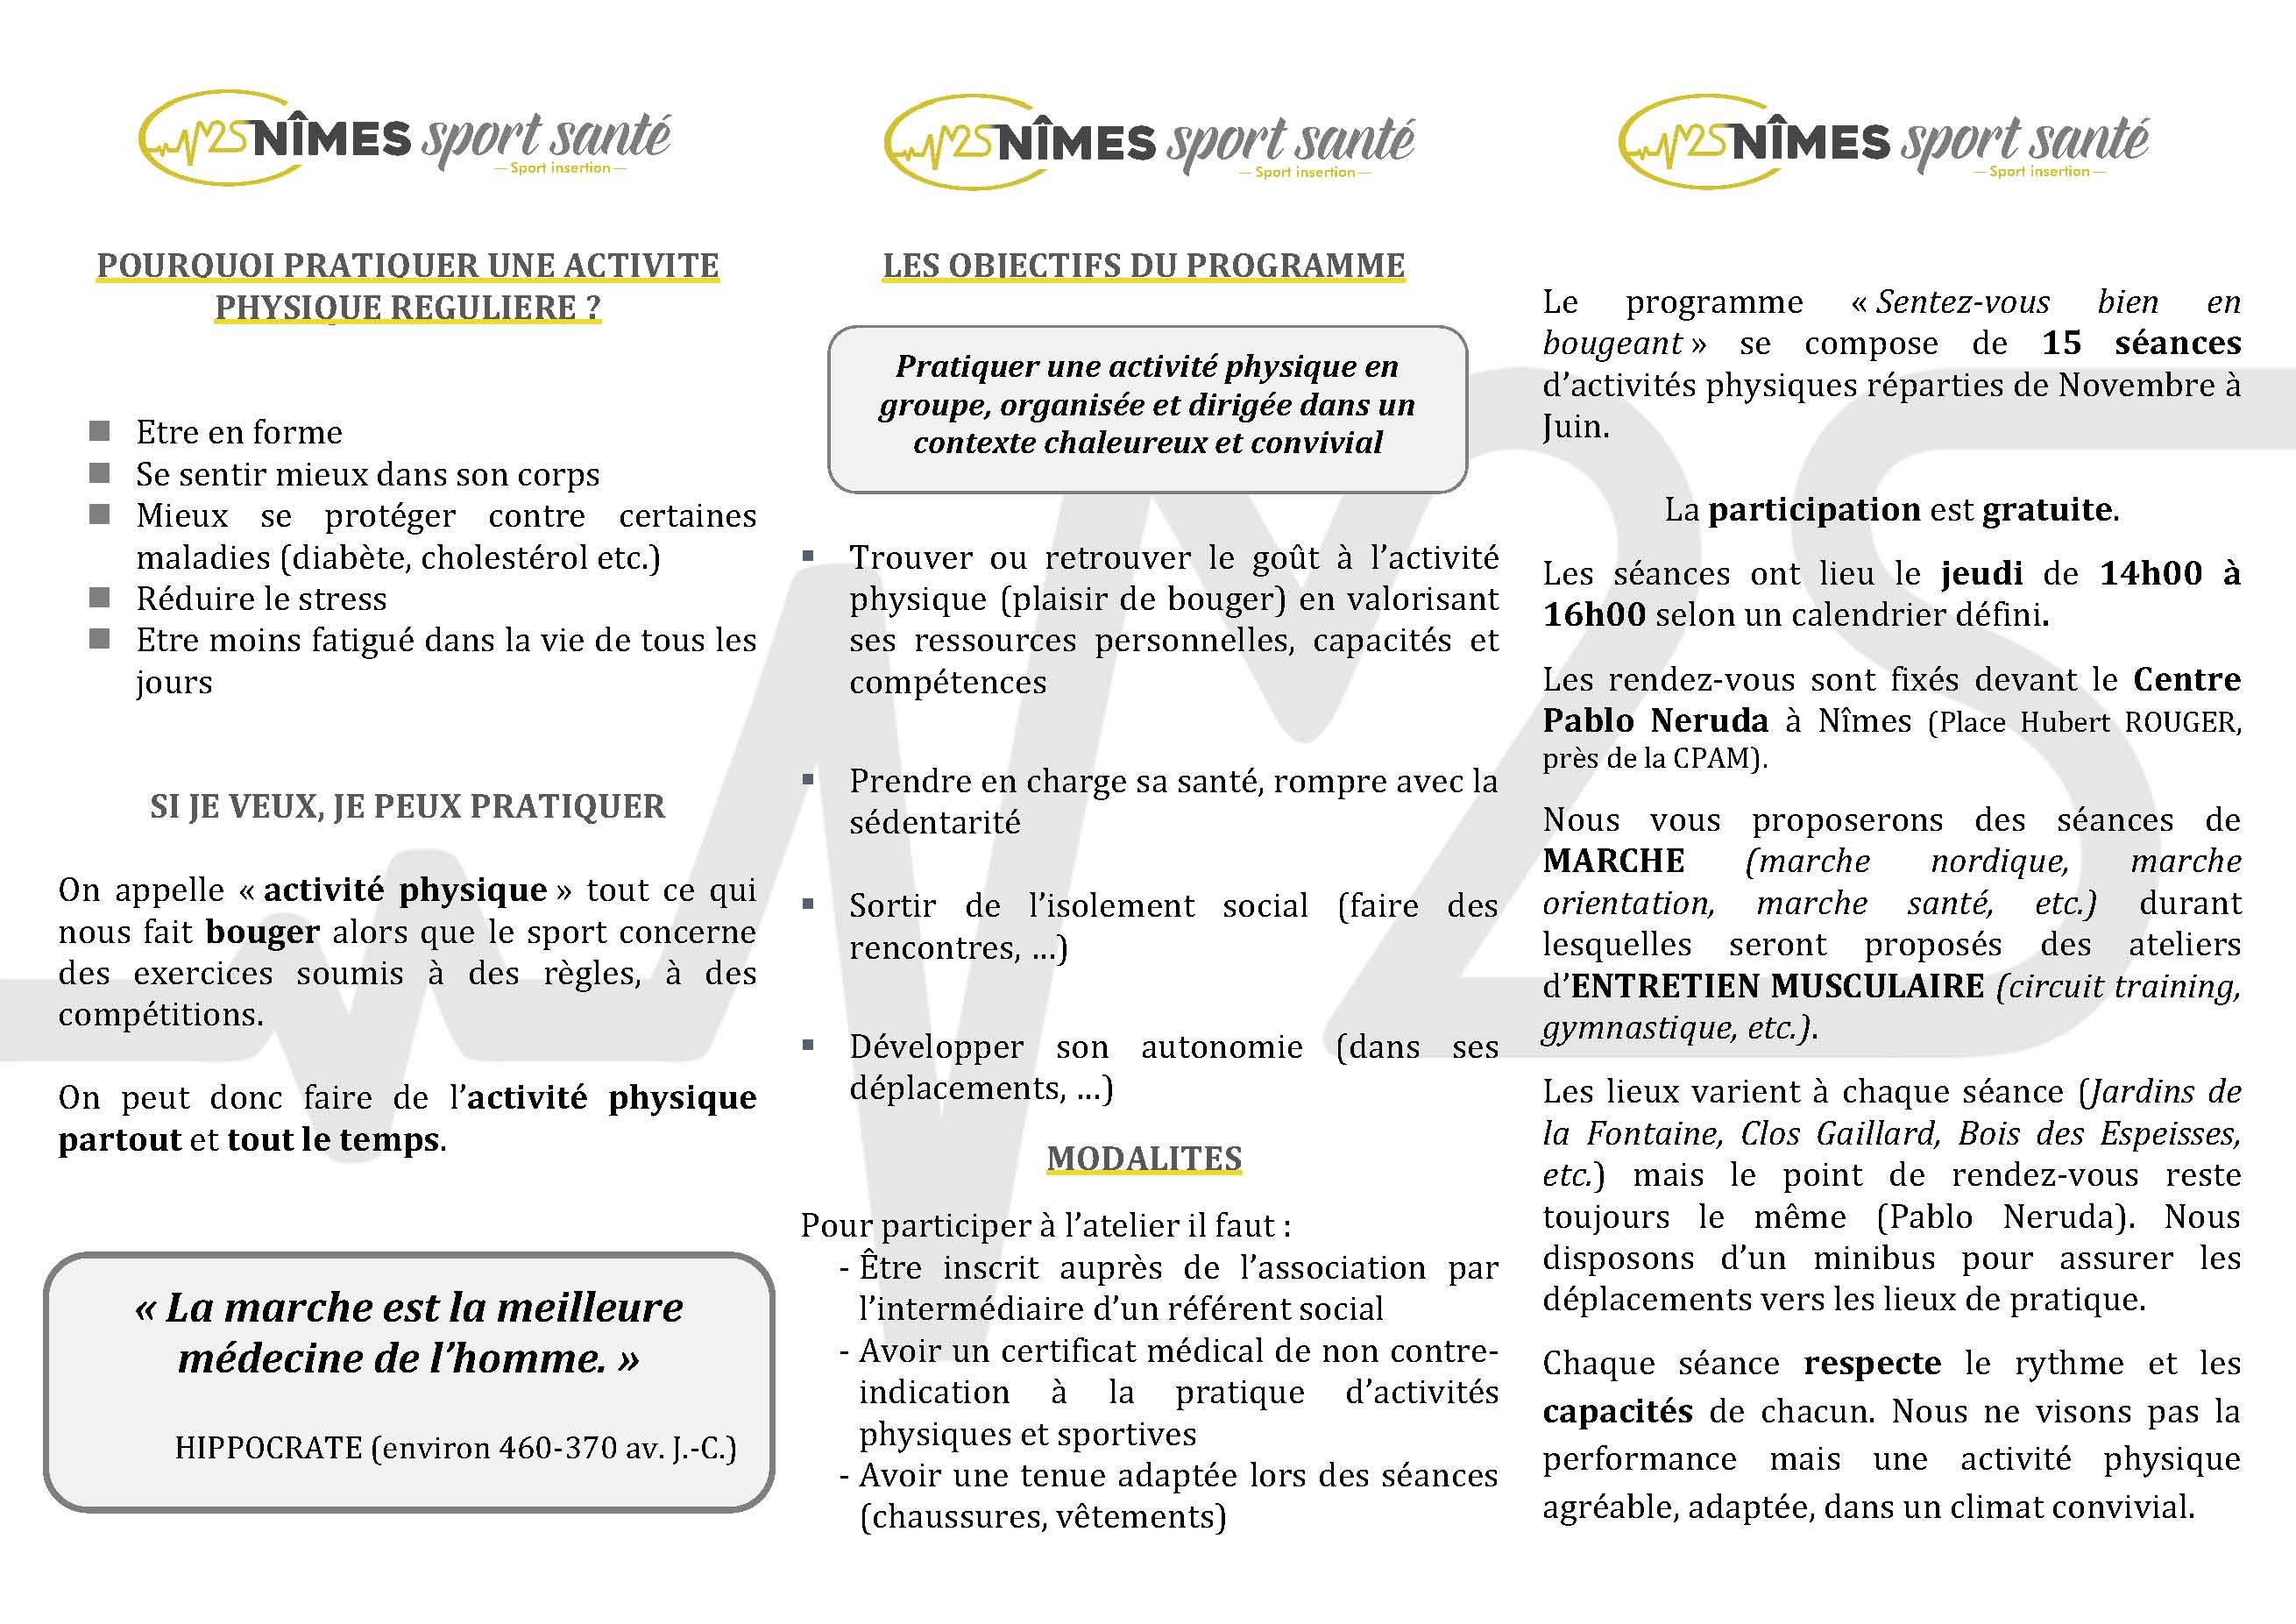 ATELIERS SENTEZ-VOUS BIEN EN BOUGEANT BENEFICIAIRES Page 2